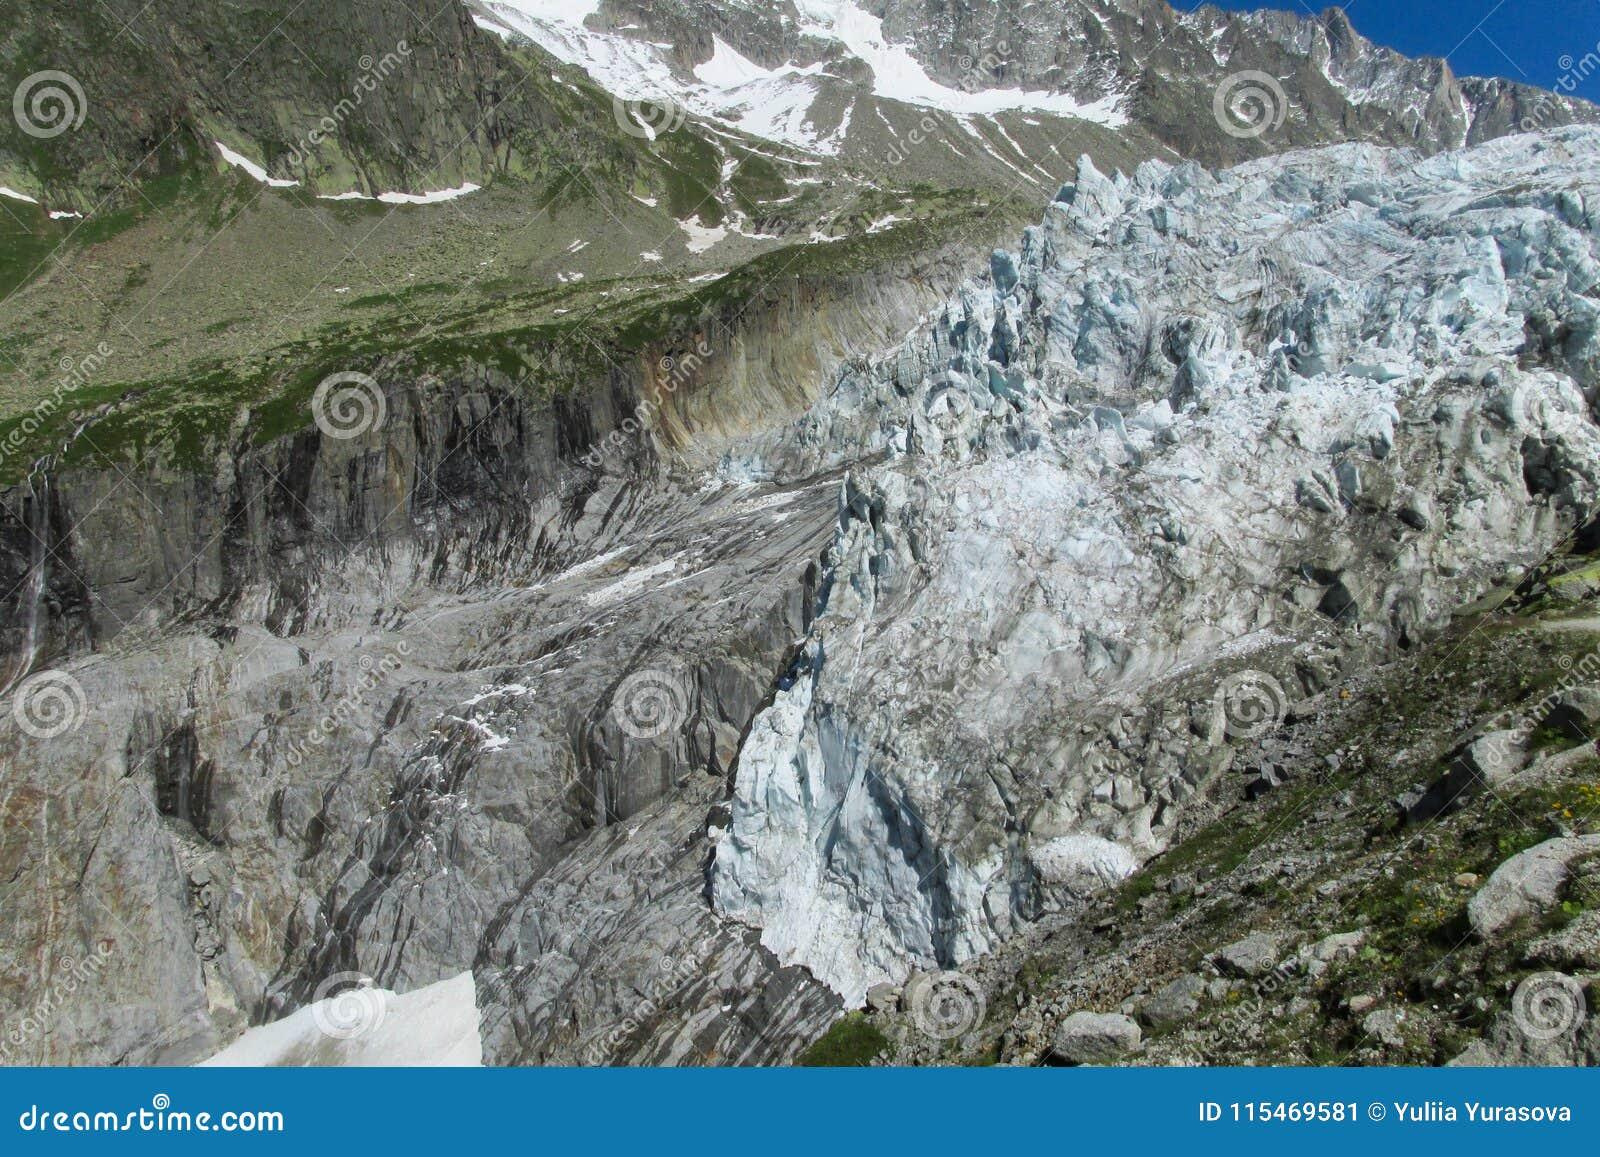 Gezichtspunt van de Argentiere het schilderachtige gletsjer in de Alpen